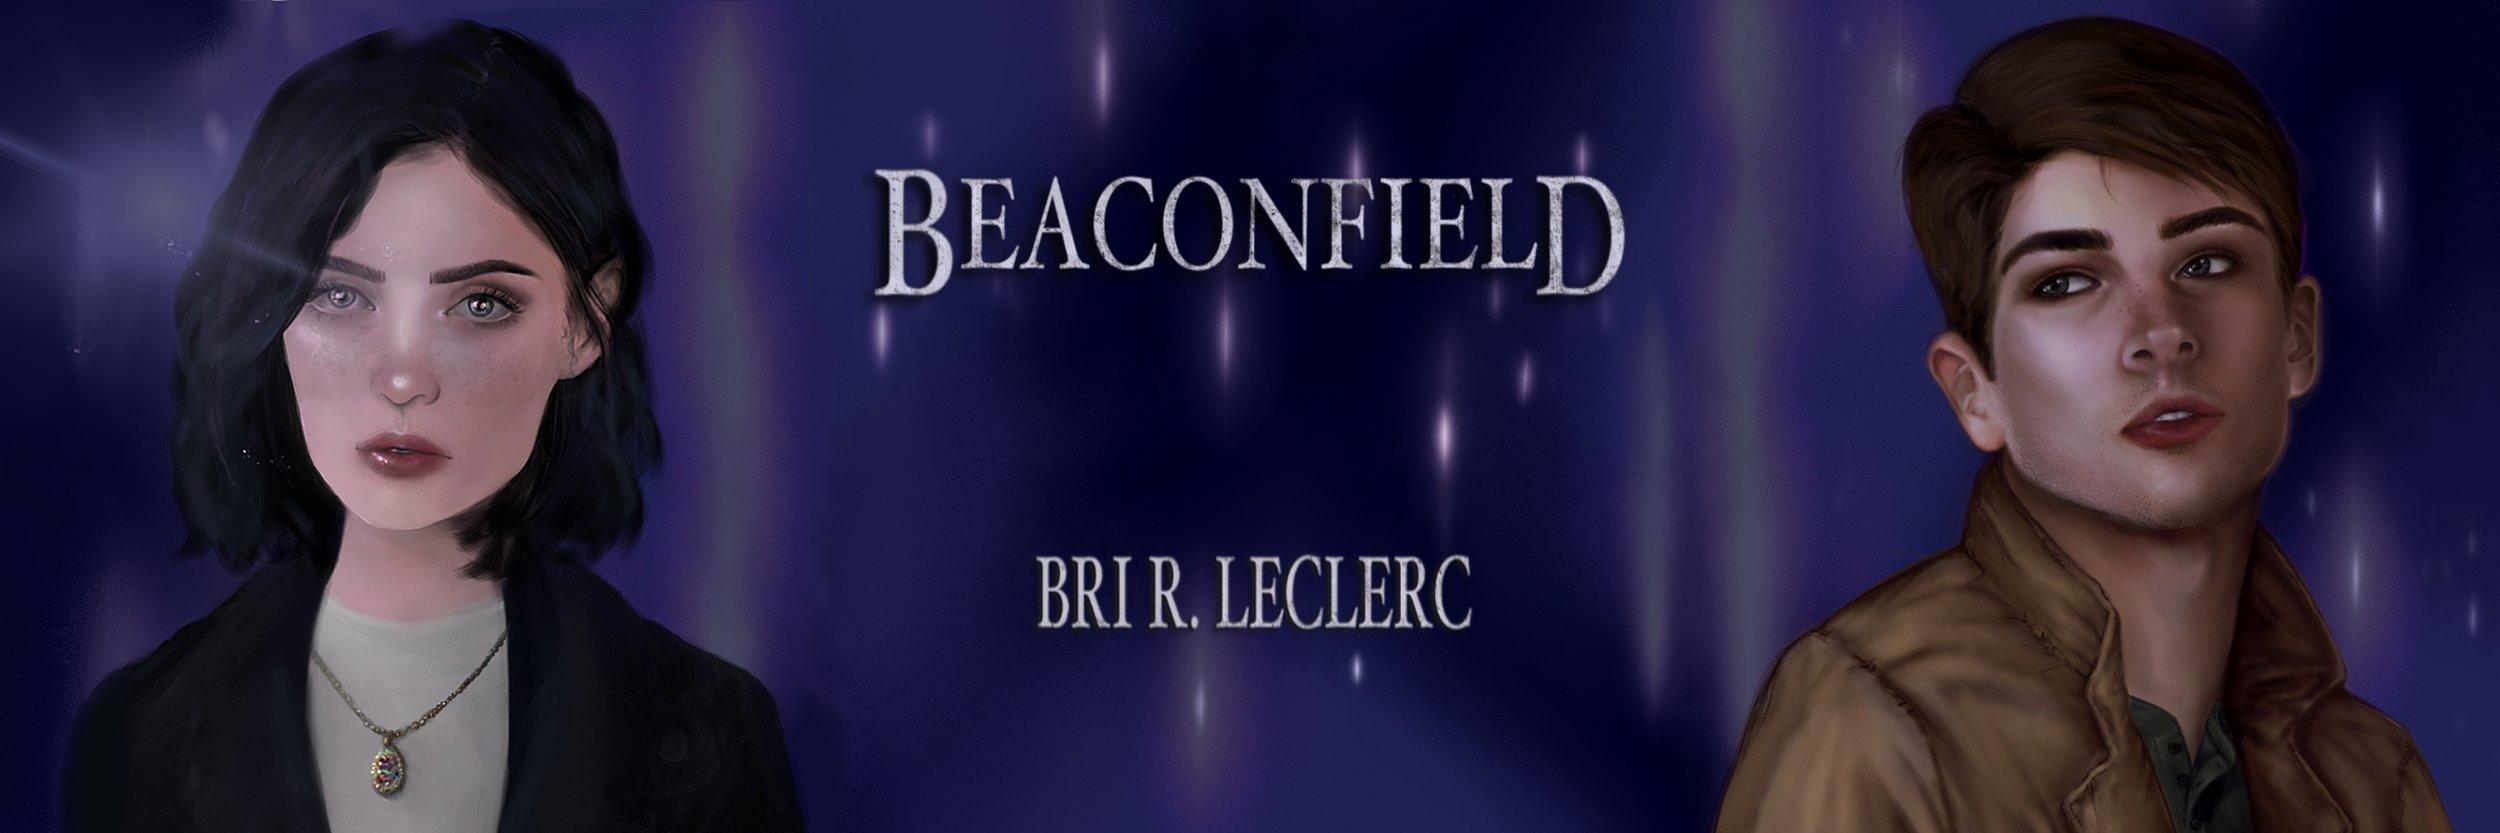 BeaconfieldTemp.jpeg